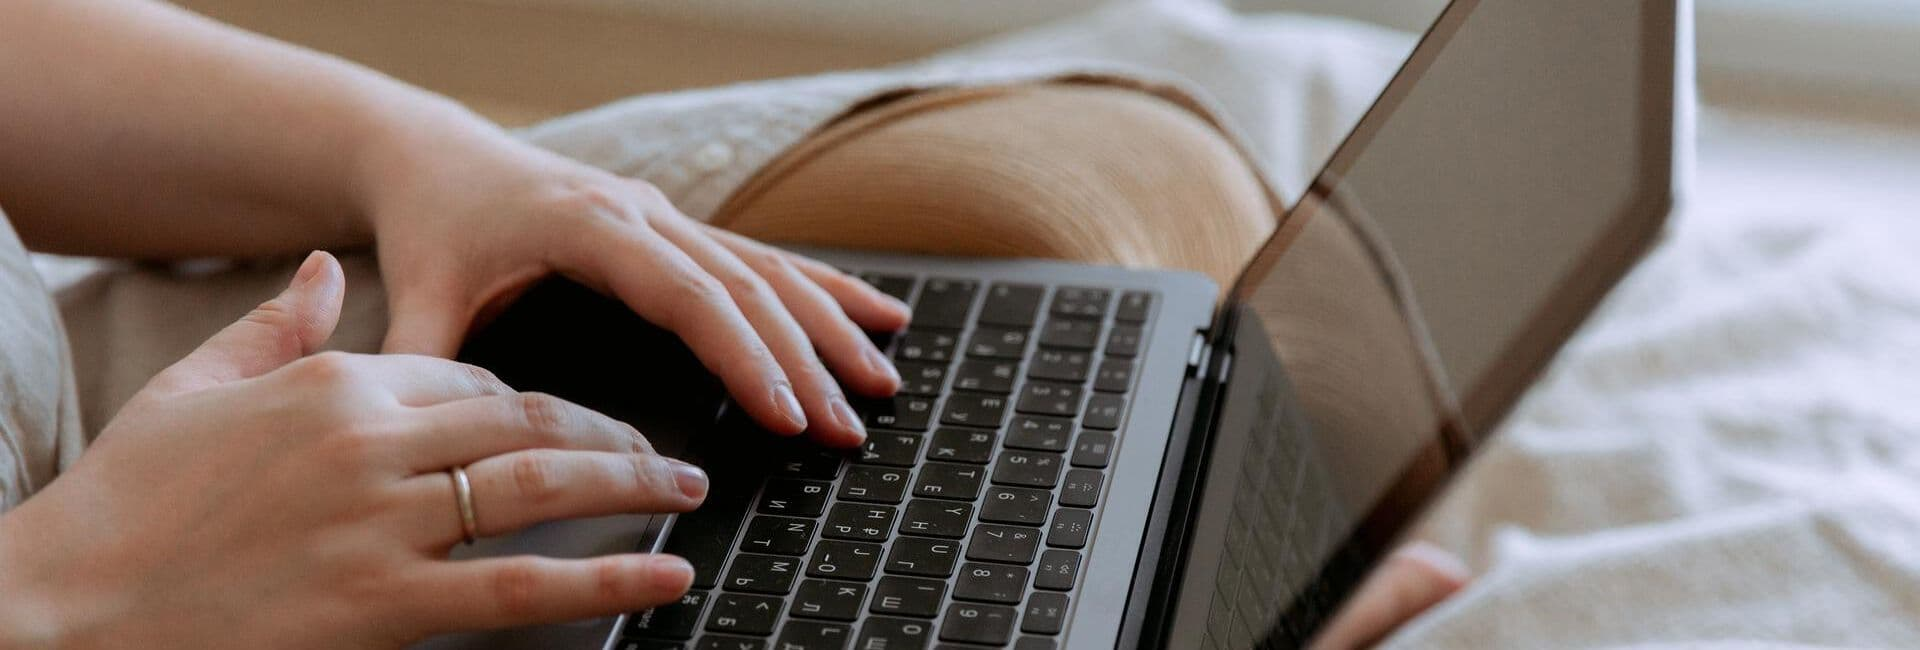 Teilnehmerin mit Laptop während einer Live-Online Schulung auf ihrem Sofa